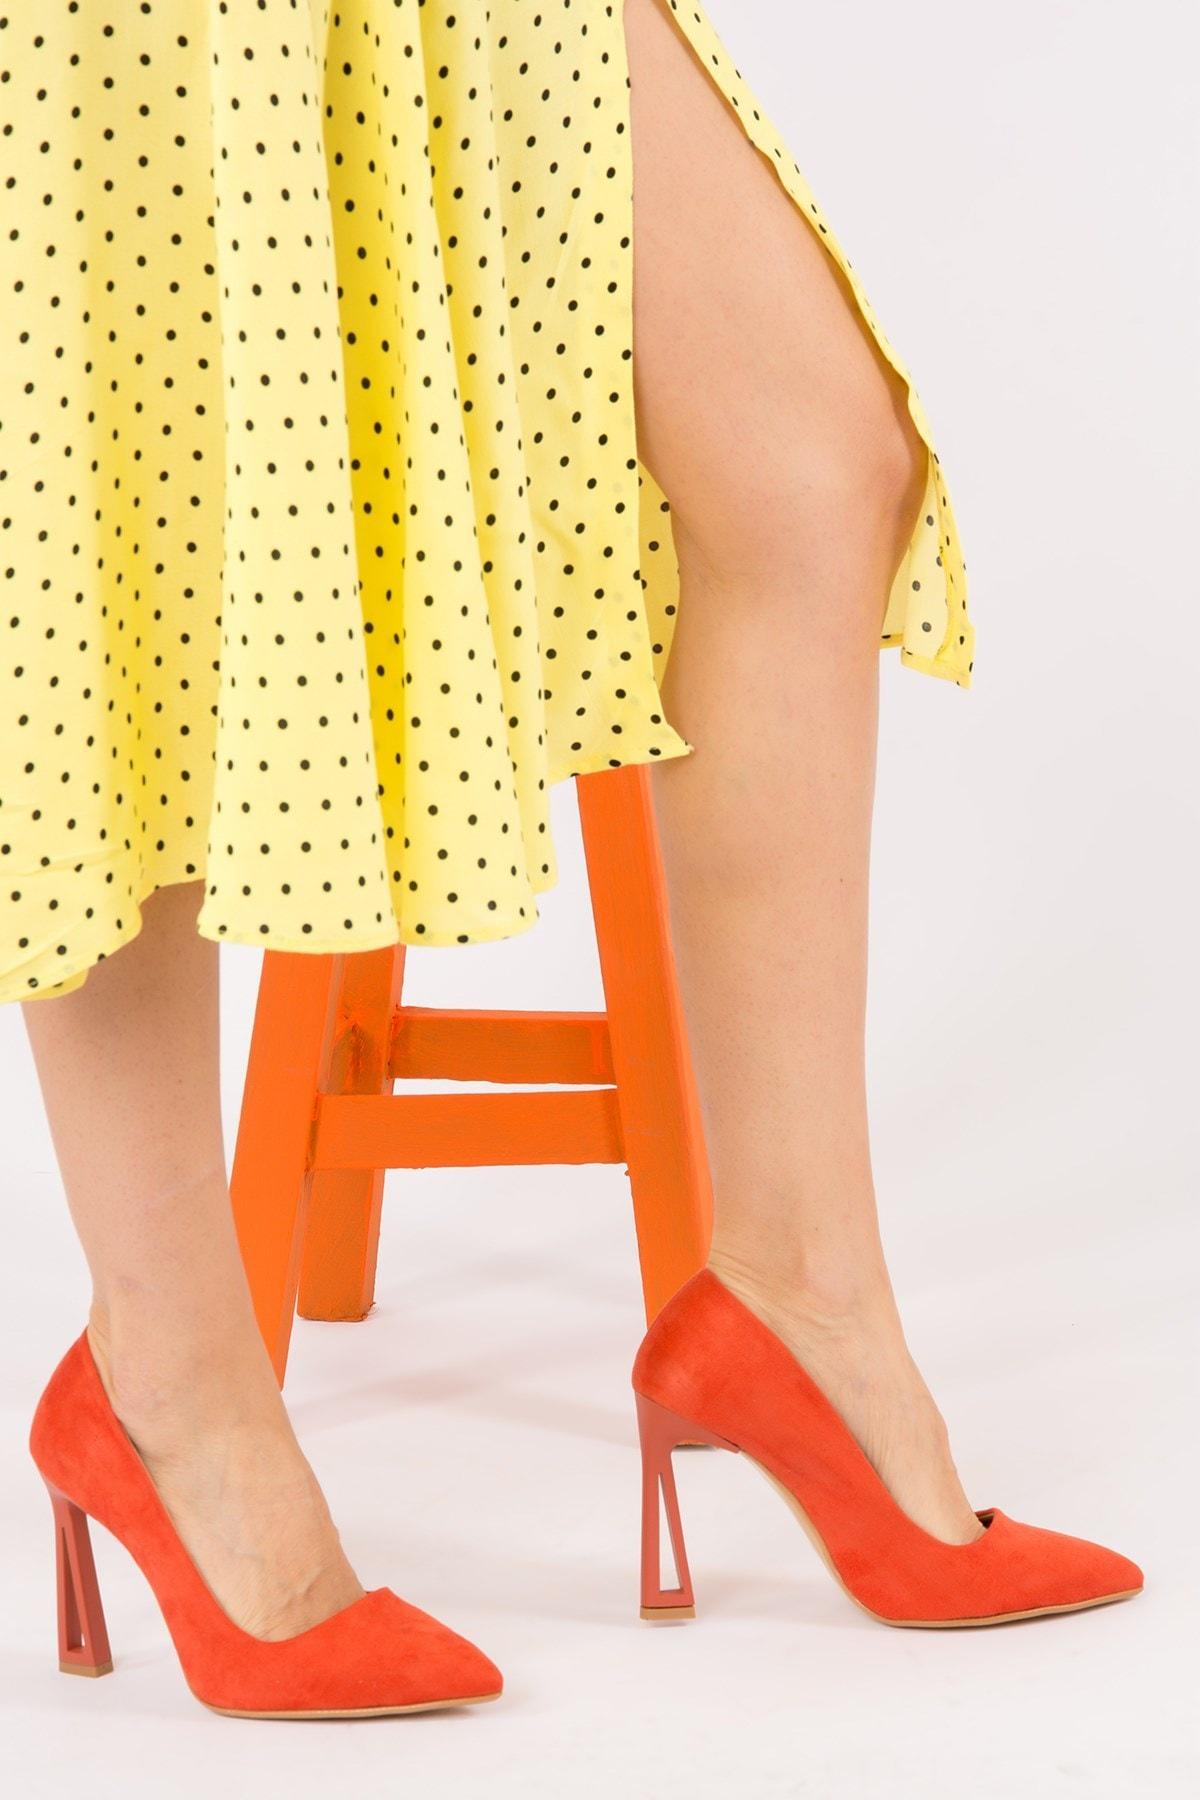 Fox Turuncu Kadın Topuklu Ayakkabı H922252202